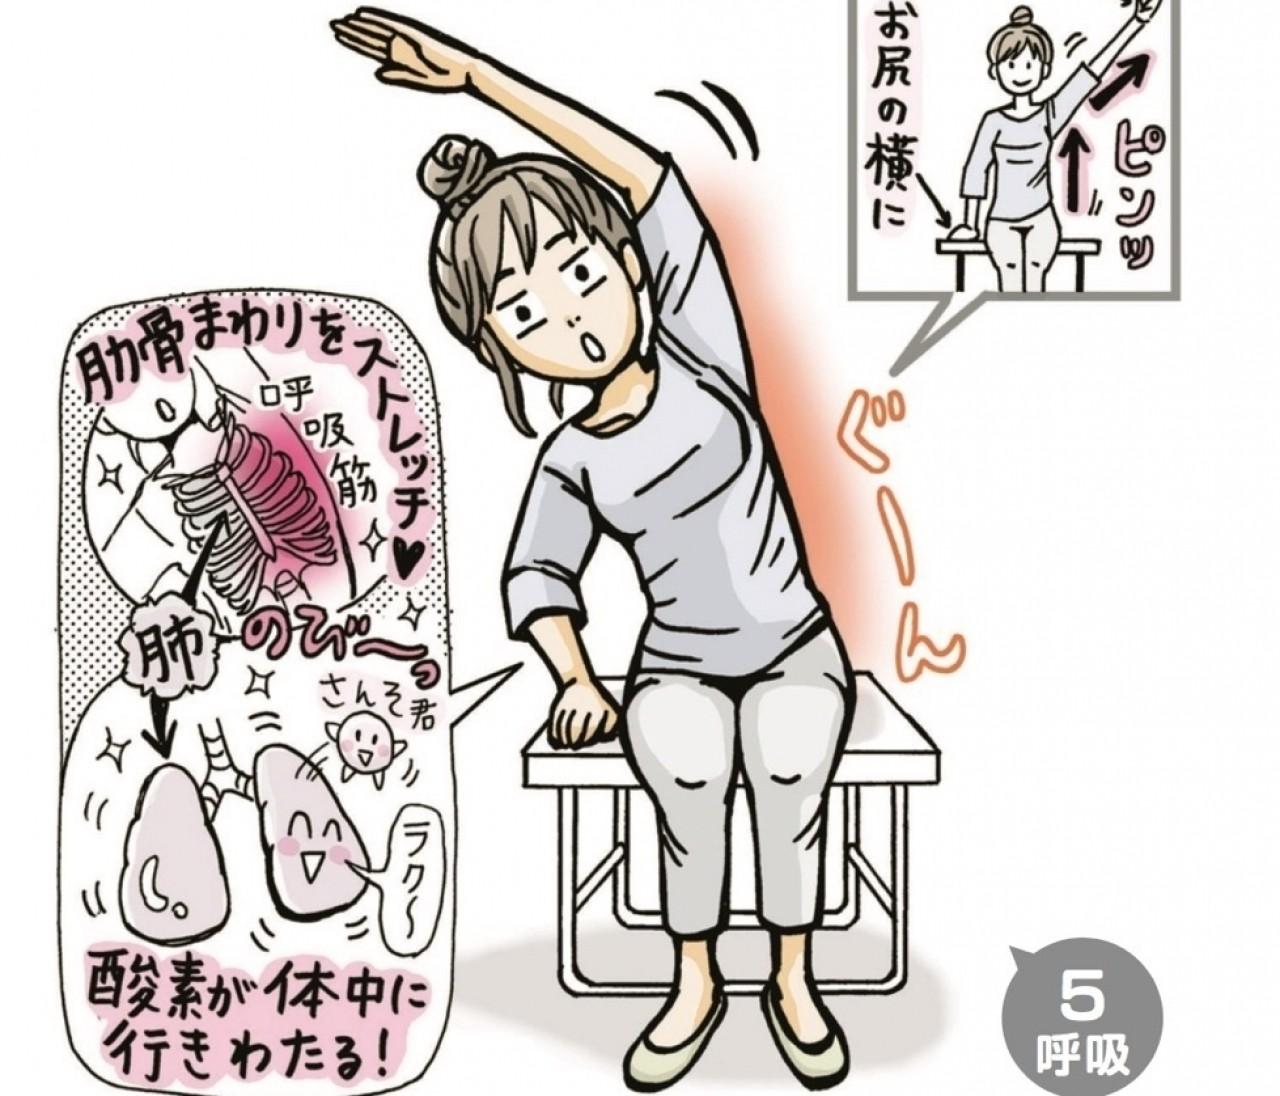 【座ったままストレッチ】テレワーク中の気分転換にも♡ 簡単ストレッチ5選